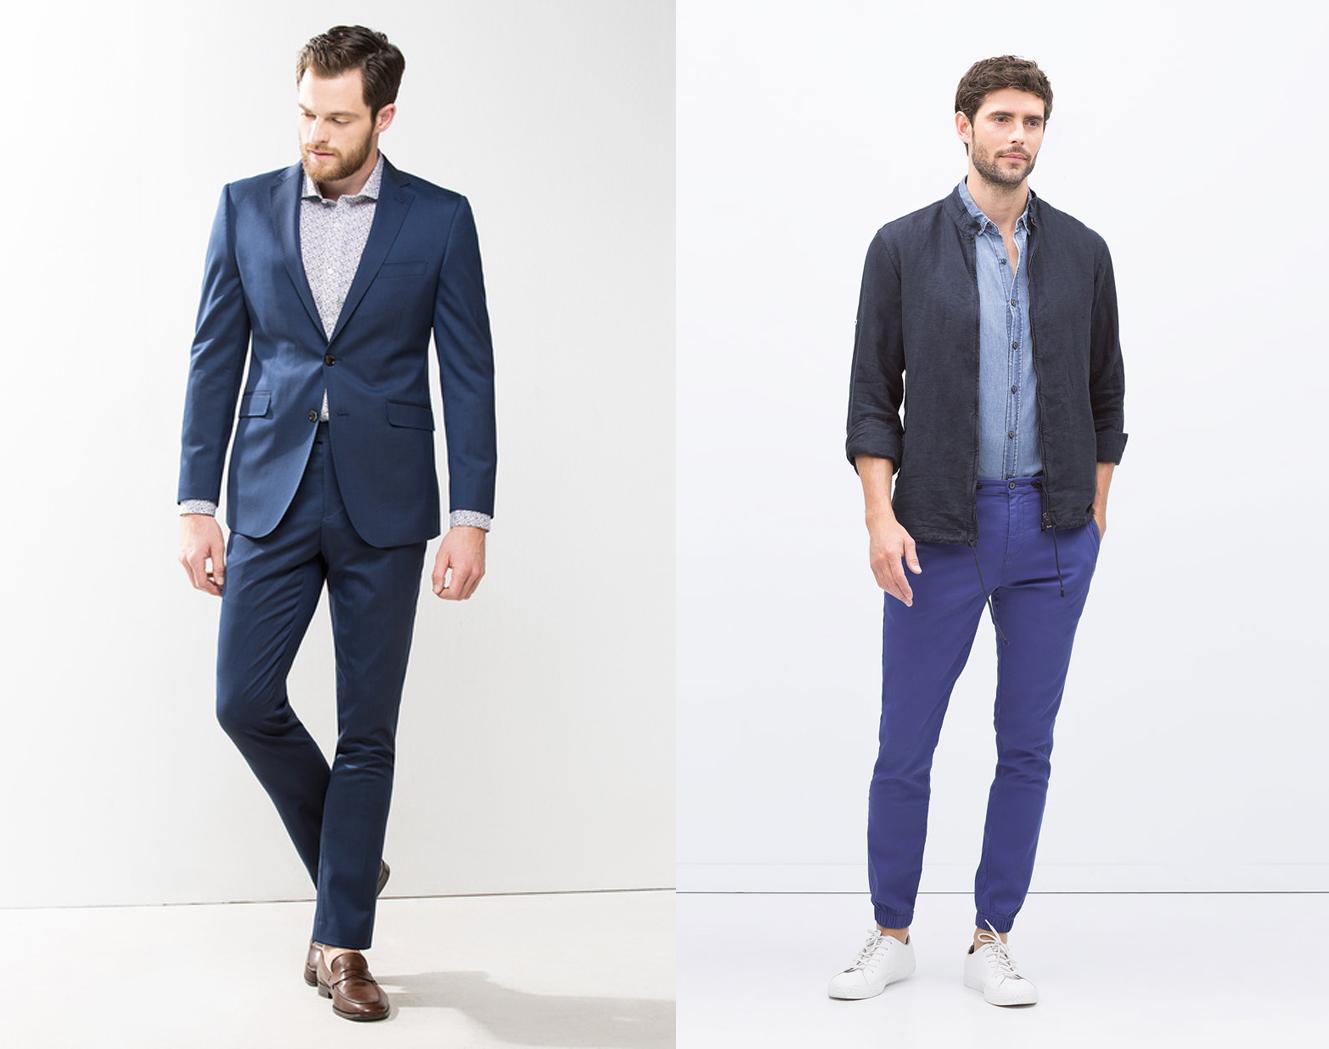 C mo combinar bien los colores b sicos de la ropa en un - Como vestir un armario ...